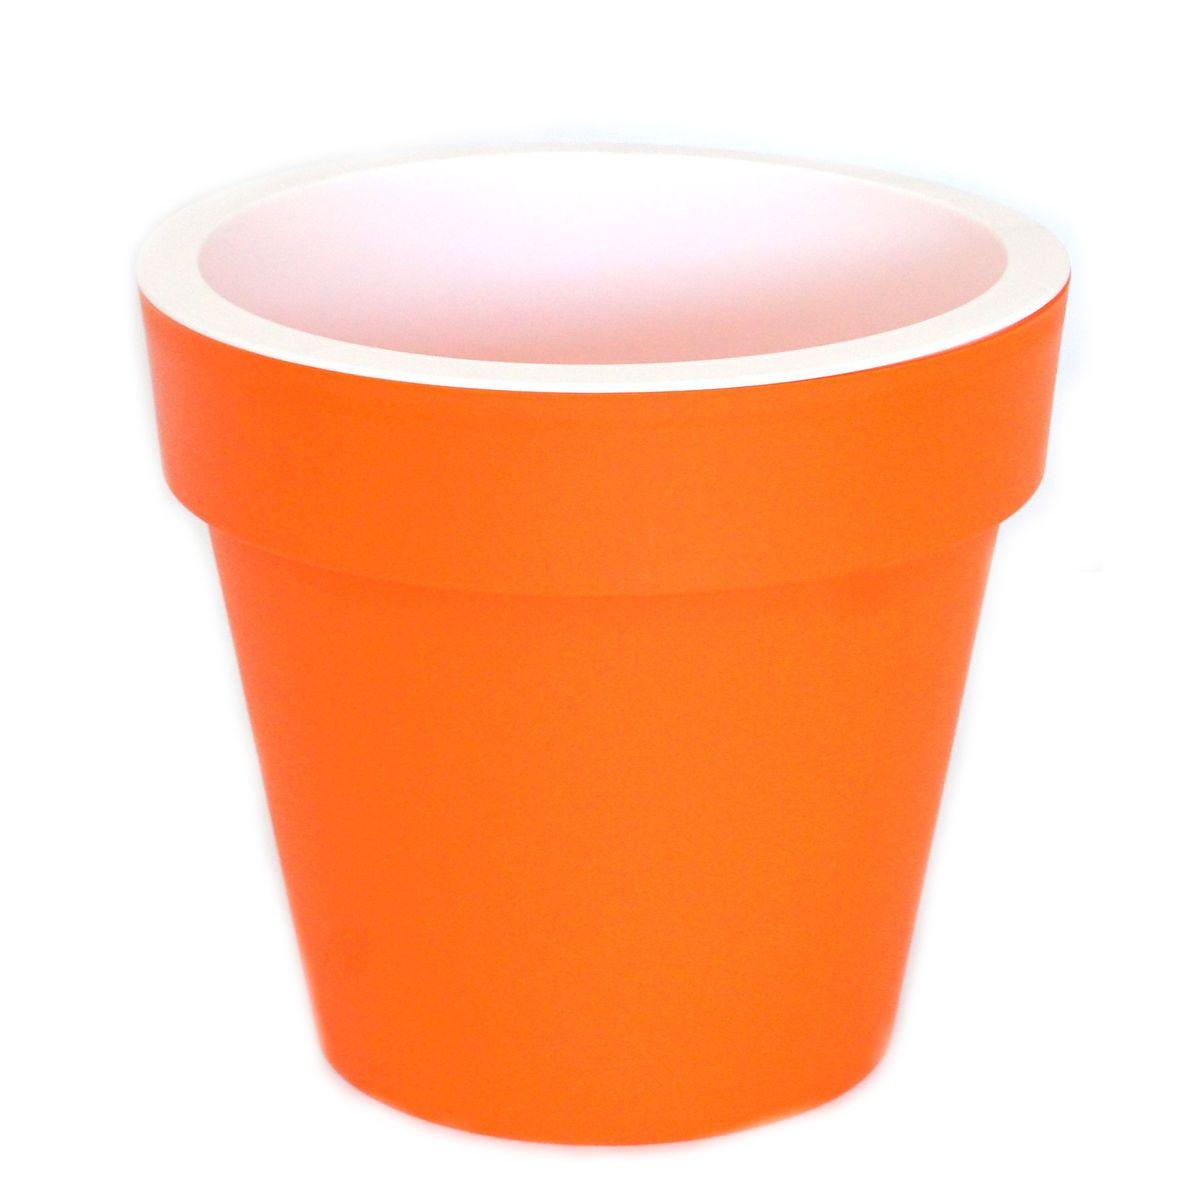 Кашпо JetPlast Порто, со вставкой, цвет: оранжевый, 9 л4612754053049Кашпо Порто классической формы с внутренней вставкой-горшком. Дренажная вставка позволяет легко поливать растения без использования дополнительного поддона. Вместительный объем кашпо позволяет высаживать самые разнообразные растения, а съемная вставка избавит вас от грязи и подчеркнет красоту цветка. Оно изготовлено из прочного полипропилена (пластика). Такое кашпо порадует вас функциональностью, а благодаря лаконичному дизайну впишется в любой интерьер помещения. Объем кашпо: 9 л.